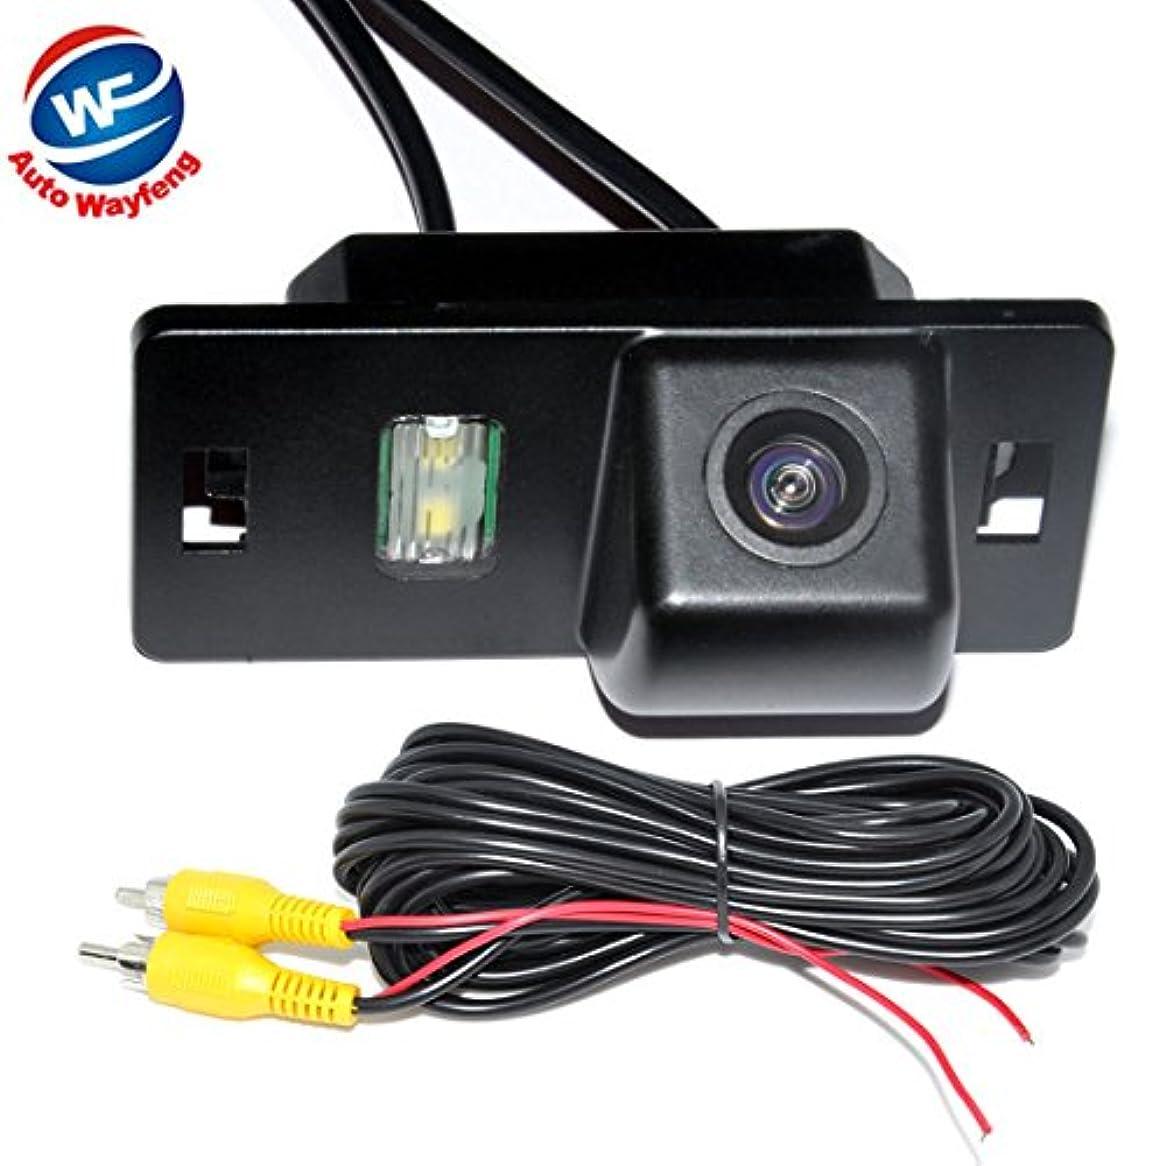 なめらかな私達暴露するAuto Wayfeng WF® アウディA3 / A4(B6 / B8)/ Q5 / Q7 / A8 / S8のための車の逆の背面図のバックアップカメラ(For Audi A3 / A4 (B6 / B8) / Q5 / Q7 / A8 / S8)